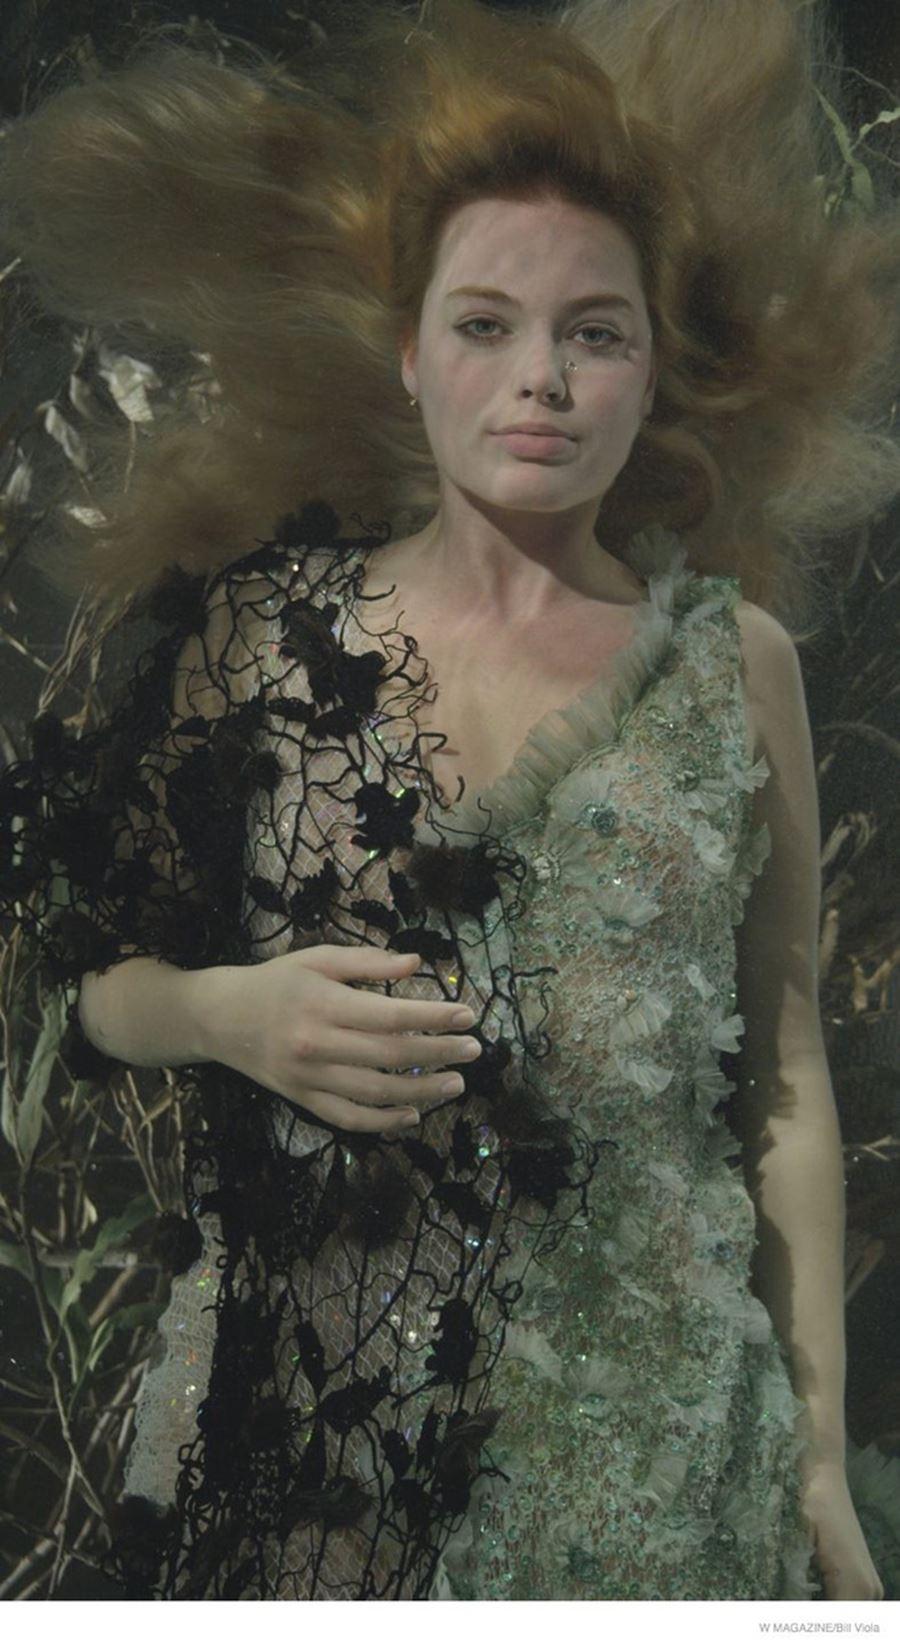 Margot Robbie từng vẫy vùng như đuối nước trên tạp chí W. Biểu cảm của cô như nàng búp bê gỗ bị nhấn chìm xuống lòng sông đầy tuyệt vọng.